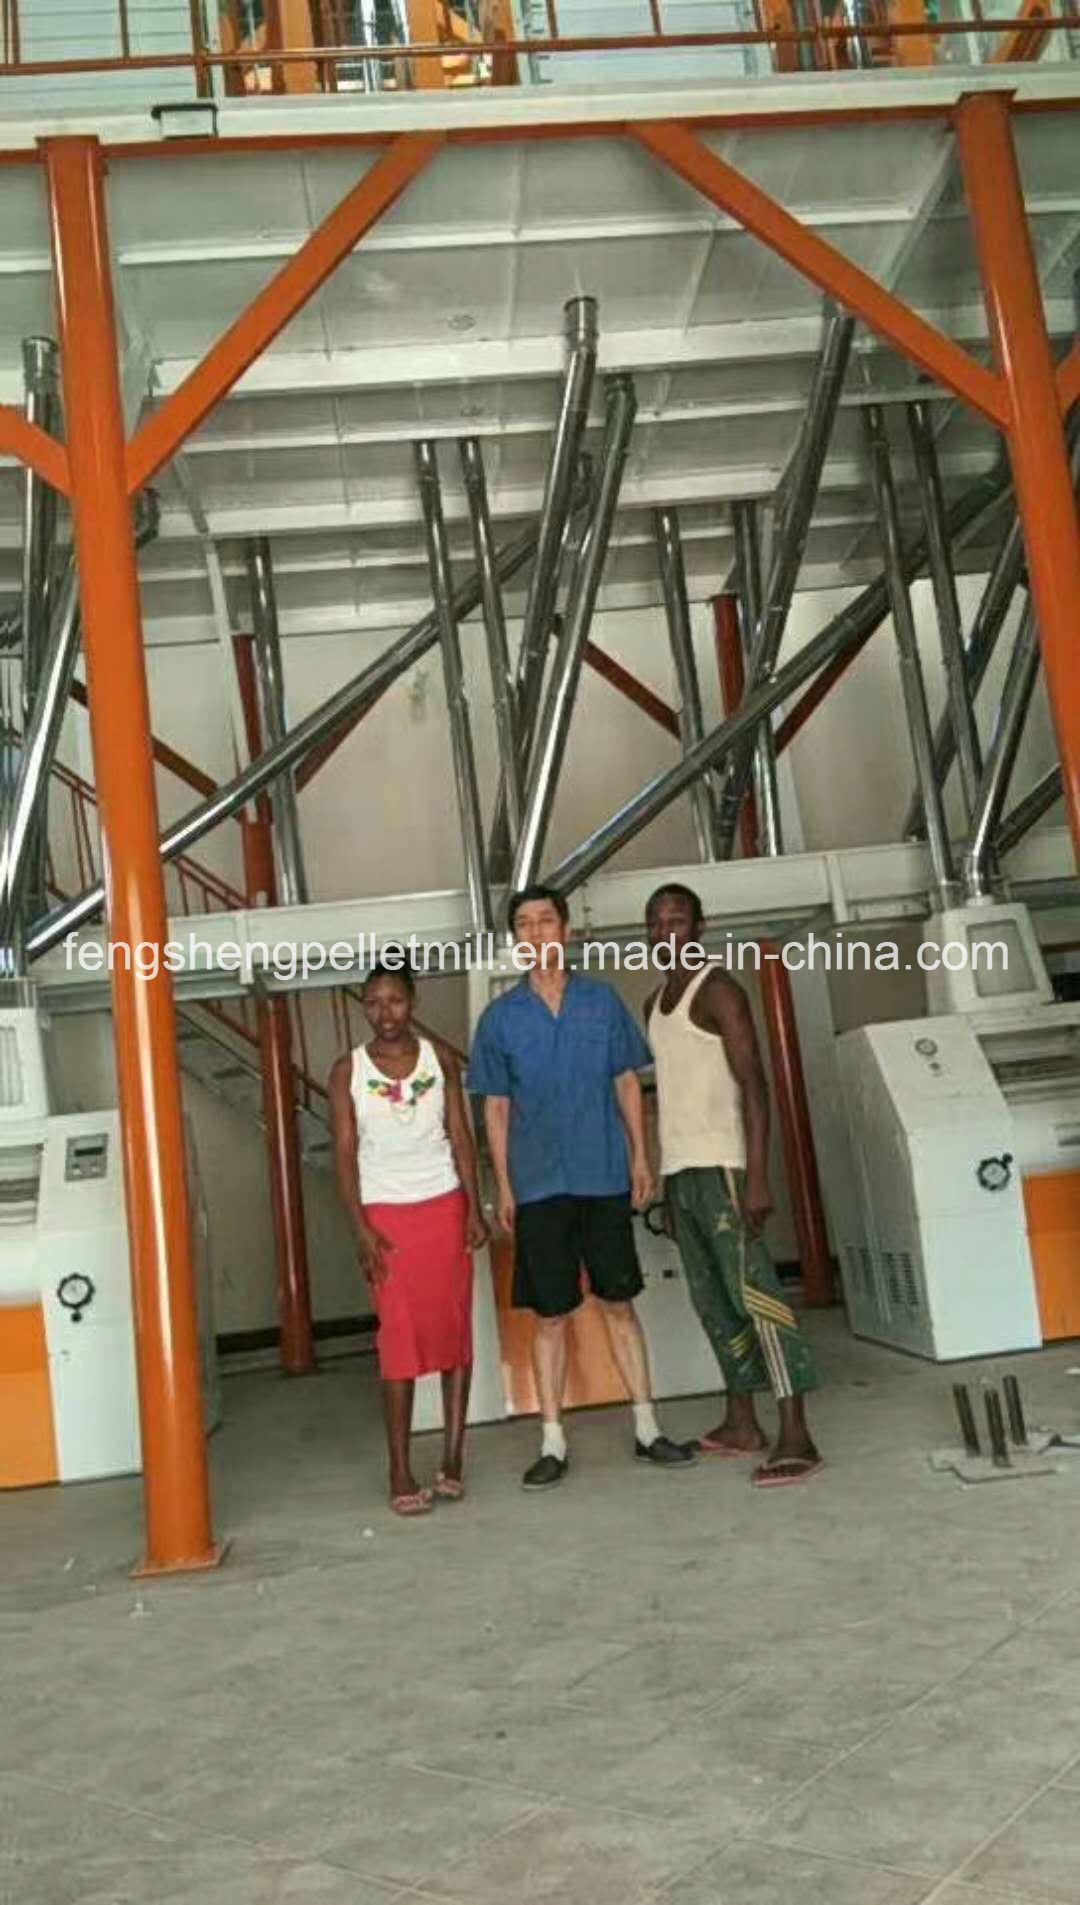 Africa Market Wheat Corn Maize Flour Mill Complete Line Flour Milling Machine